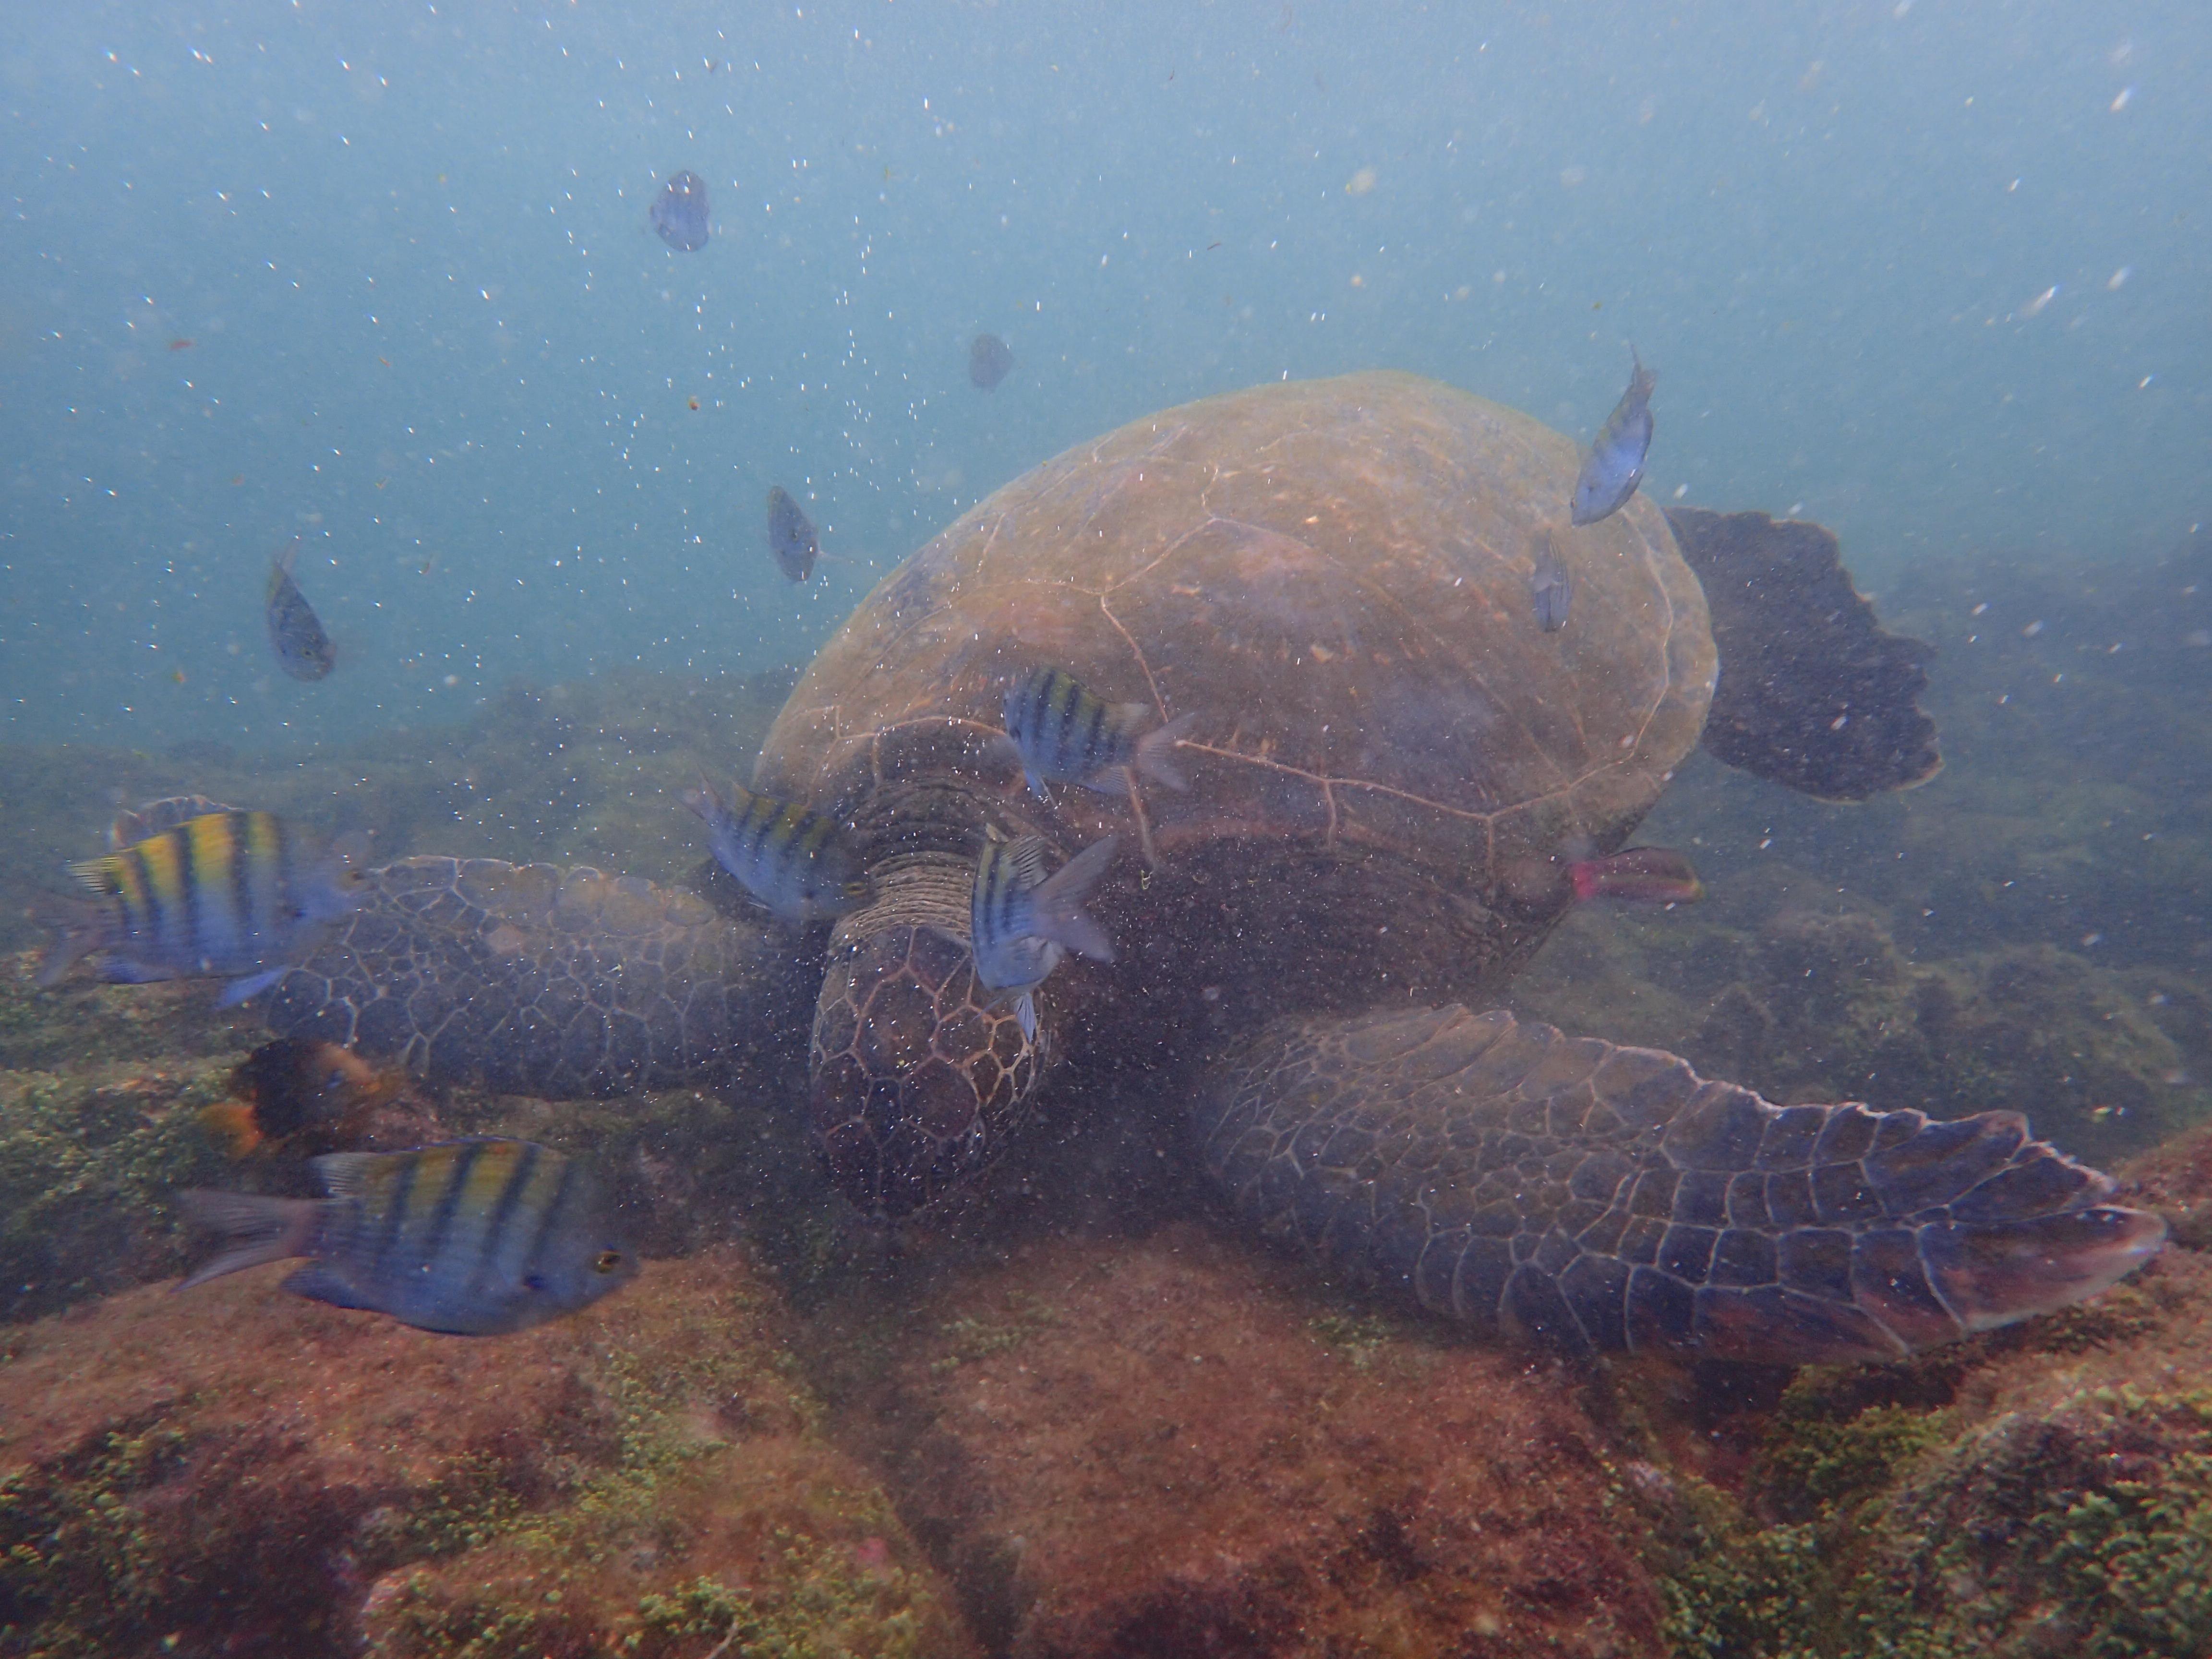 ガラパゴスシリーズ 4日目:イサベラ島上陸と自由を謳歌する野生動物